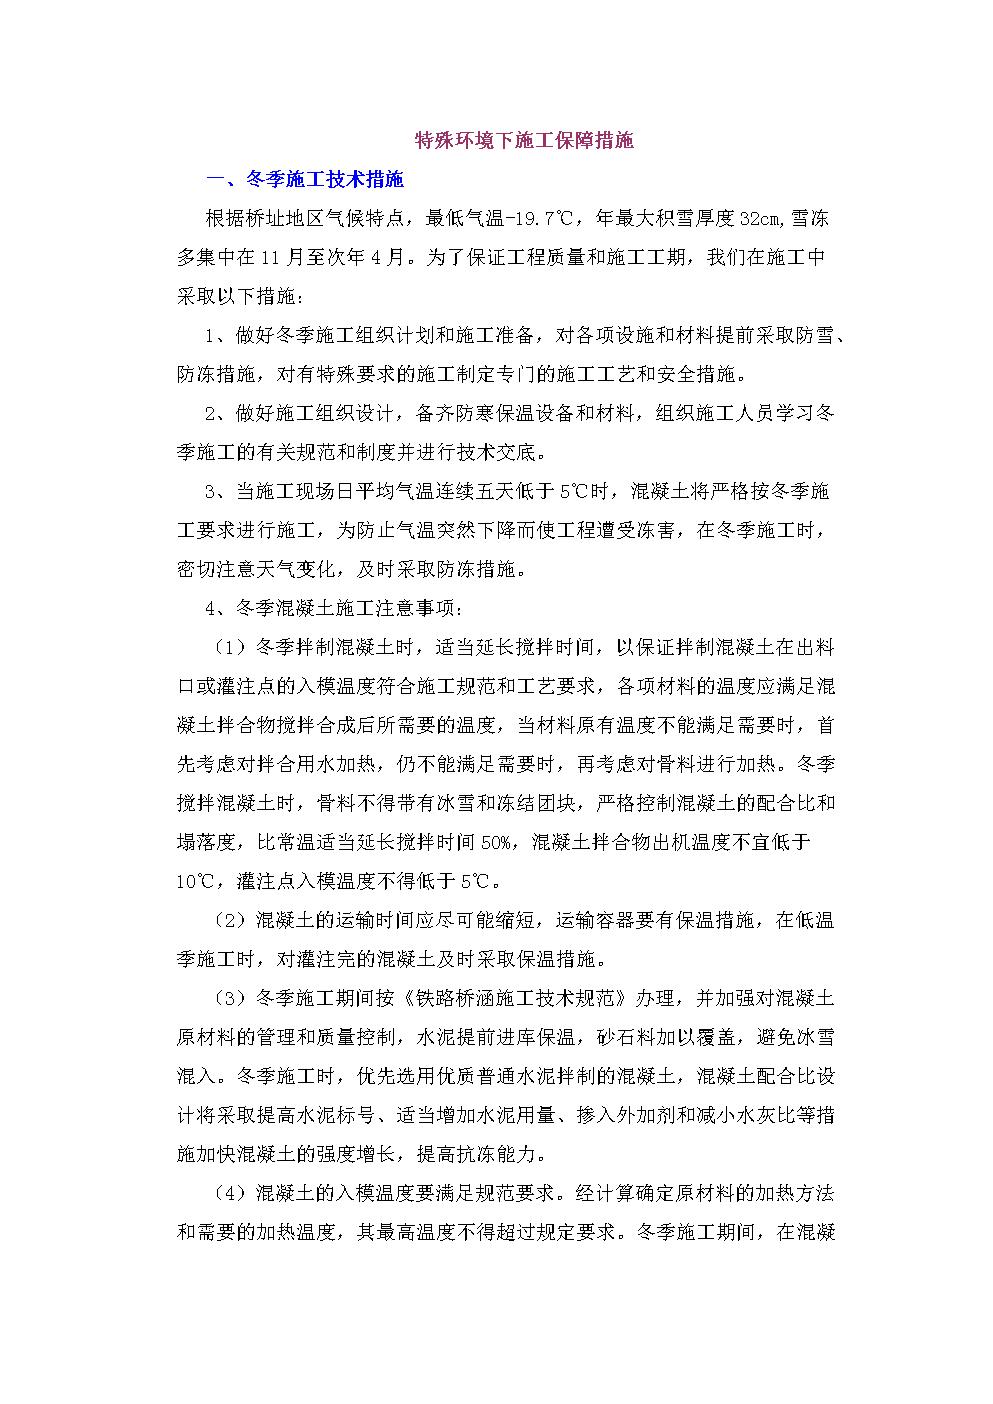 桥梁工程-特殊环境下(冬、雨)施工保障措施.doc